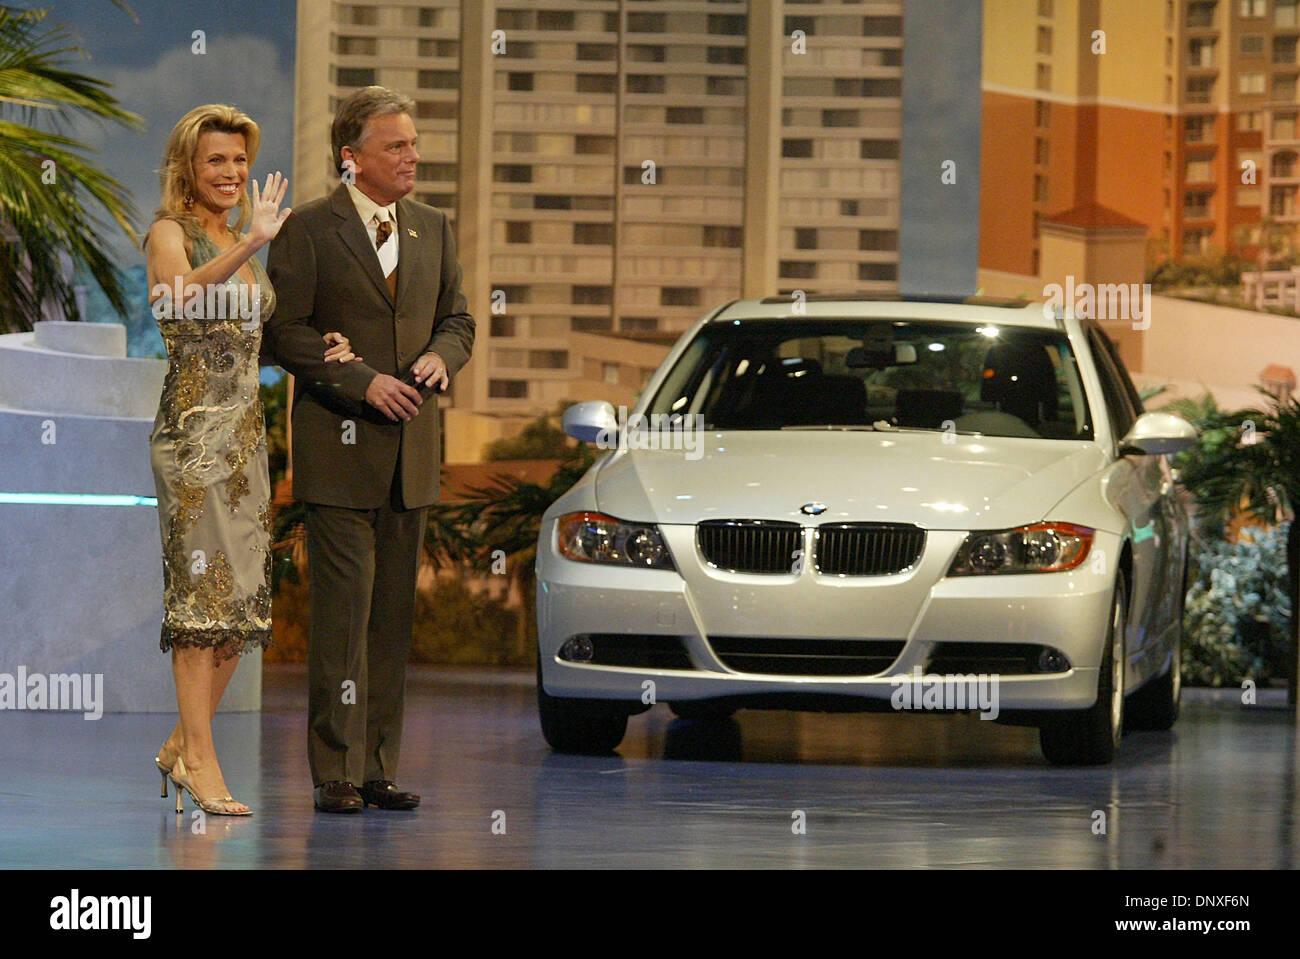 miller index for holman lauderdale s automotive ft bmw dealership largest completes cfm nation